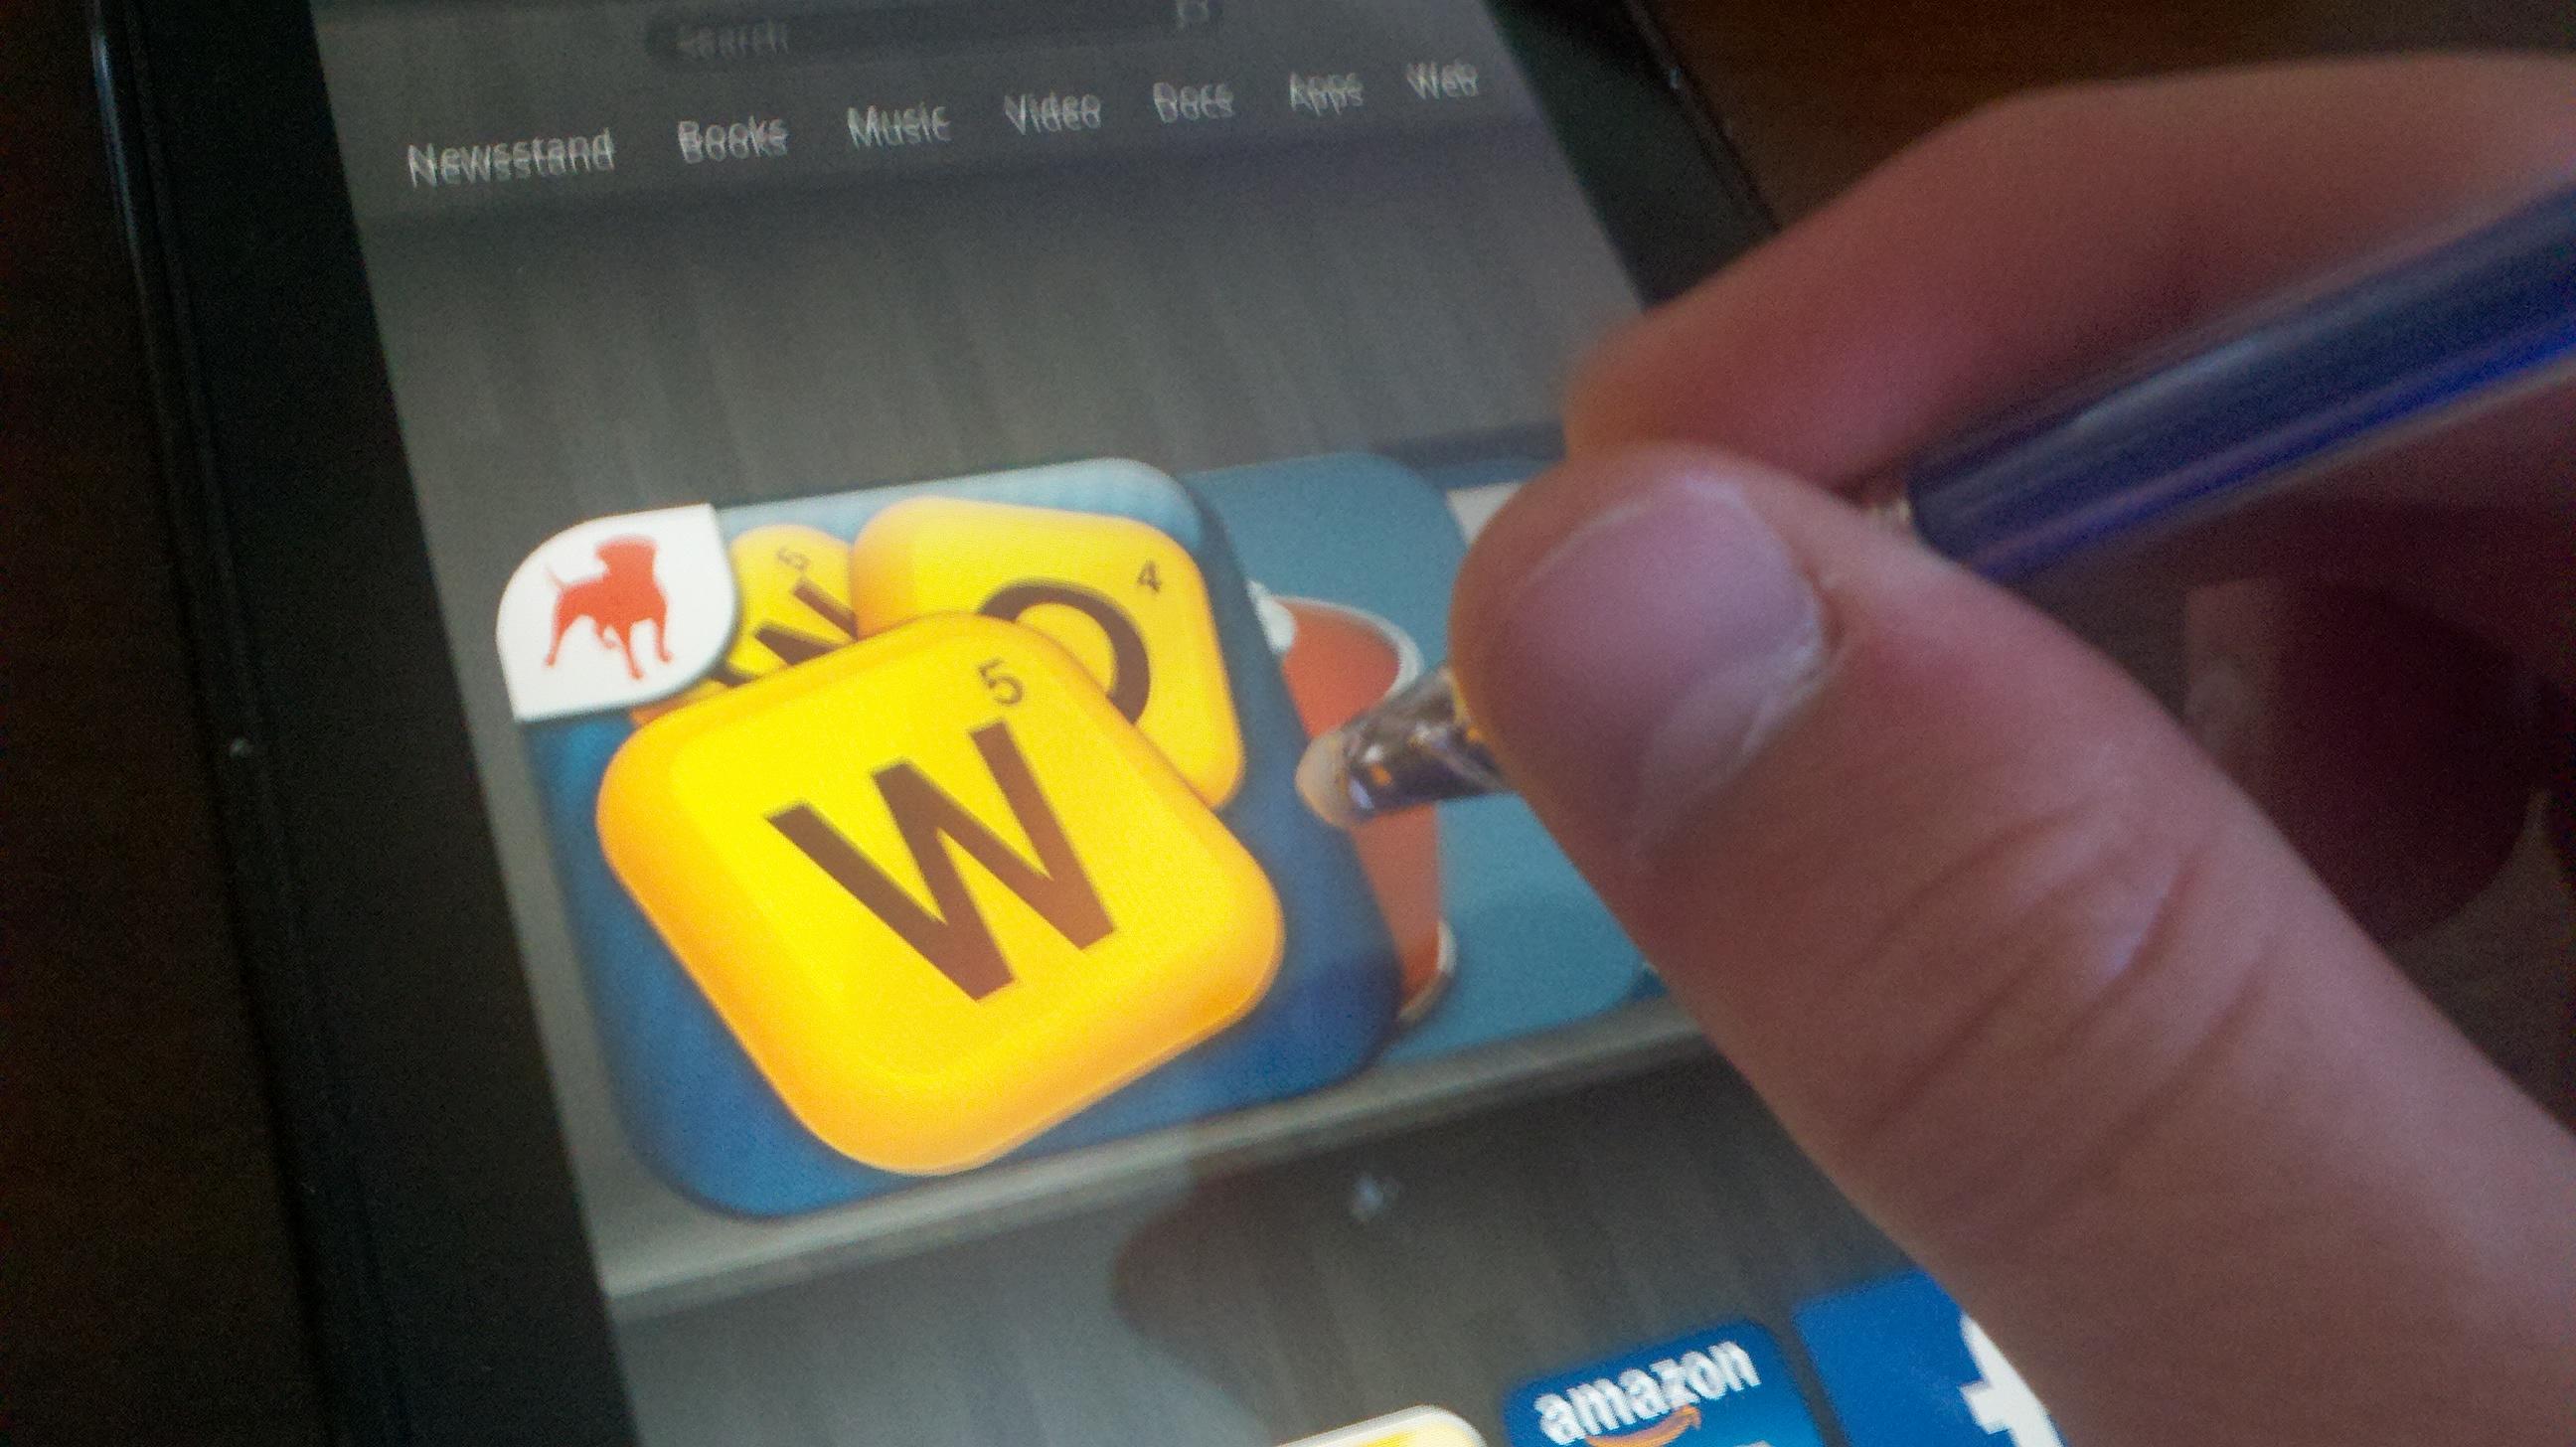 Touchscreen stylus